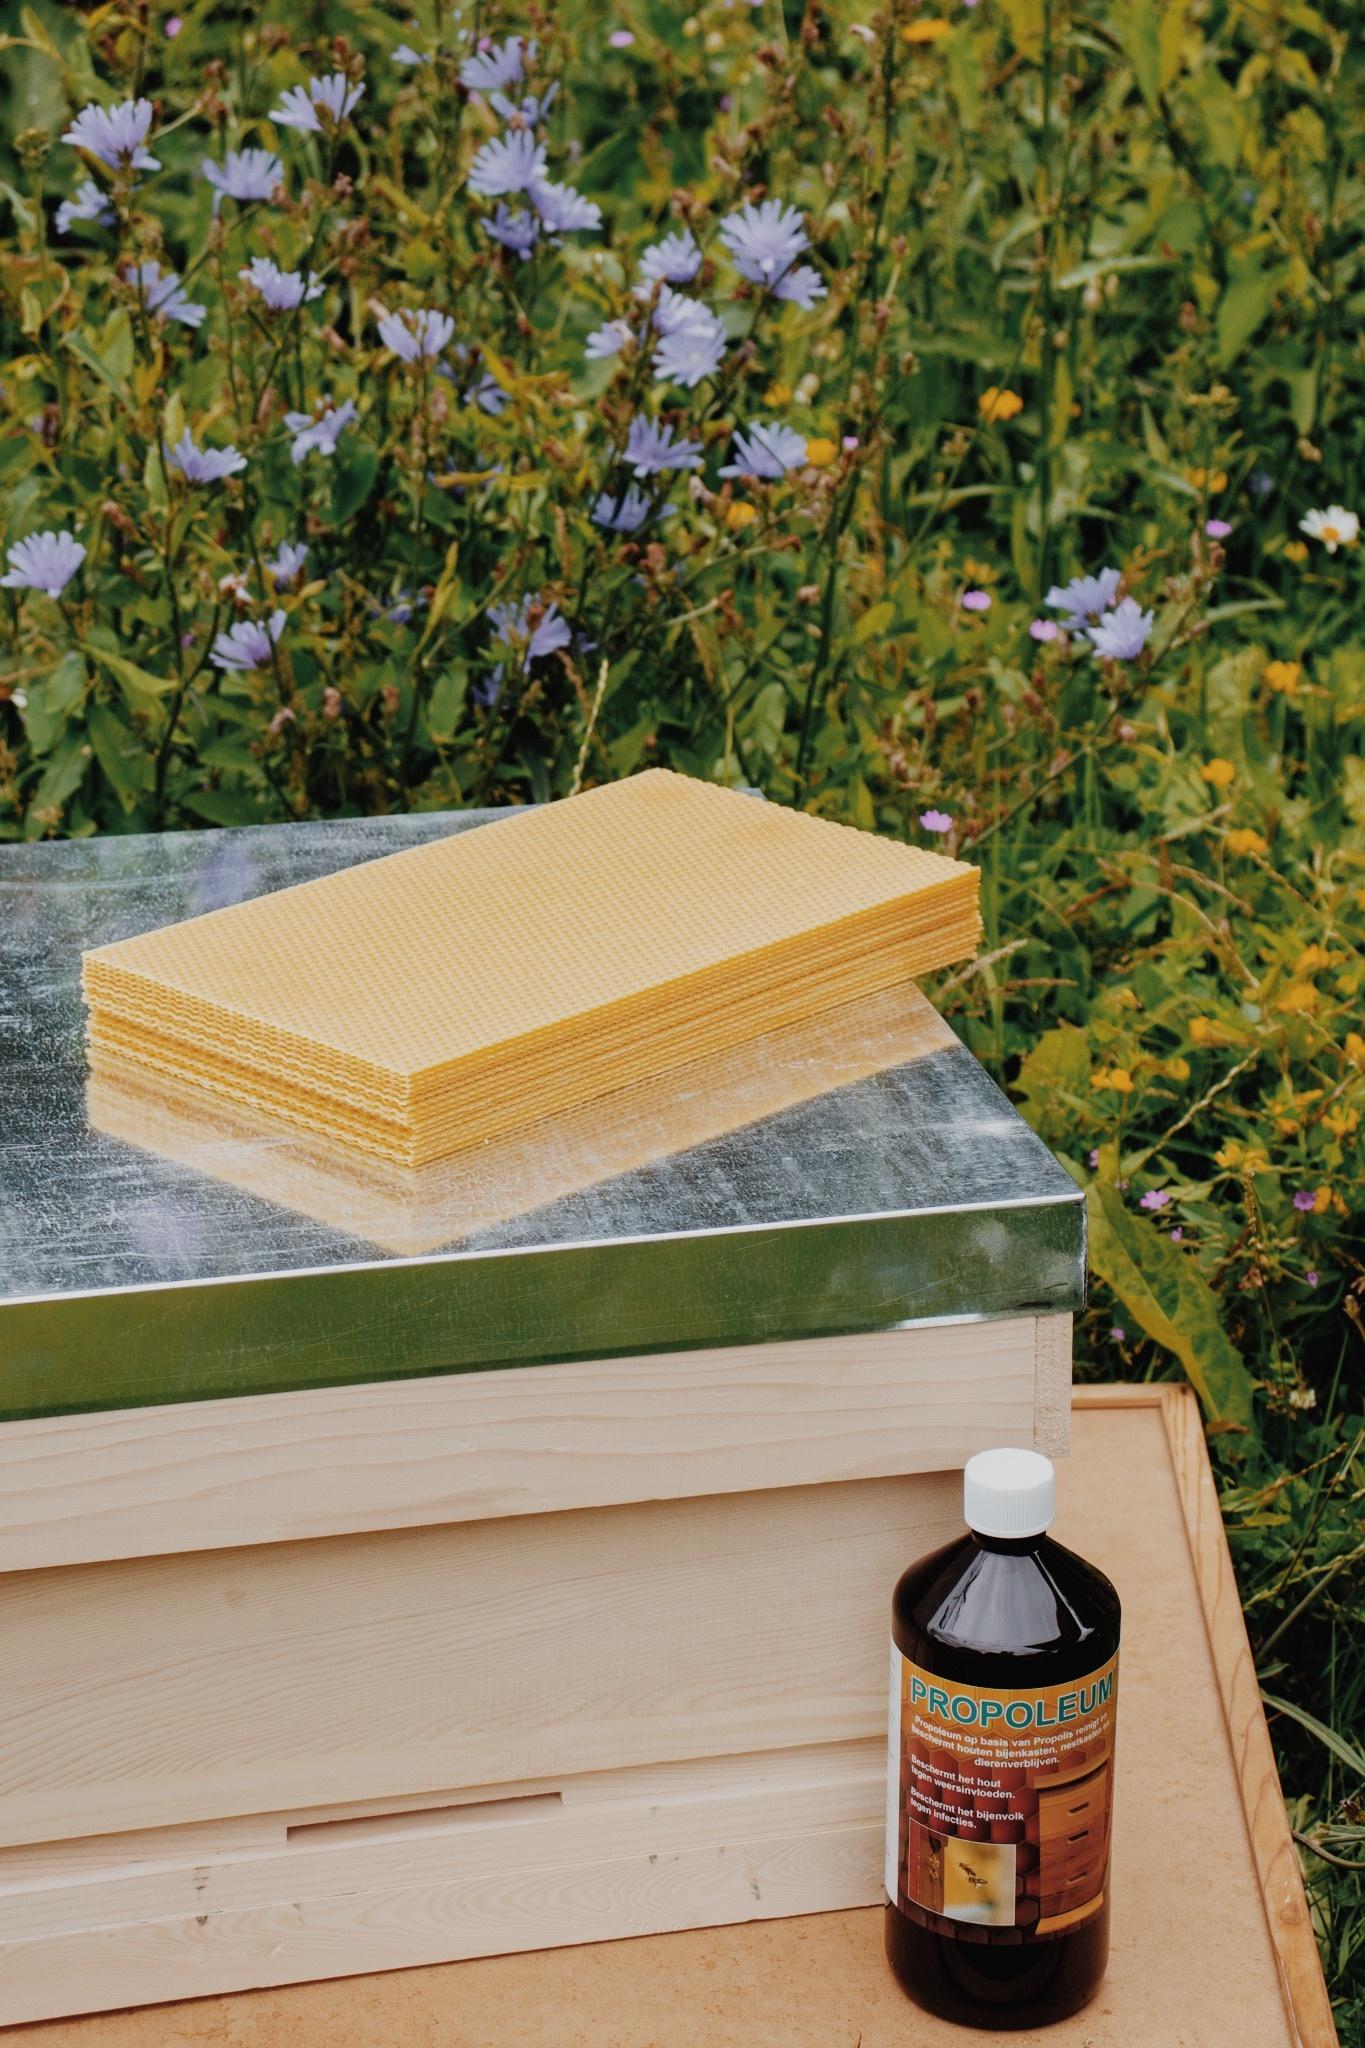 Starterspakket 'Mijn eerste bijenkast'-1